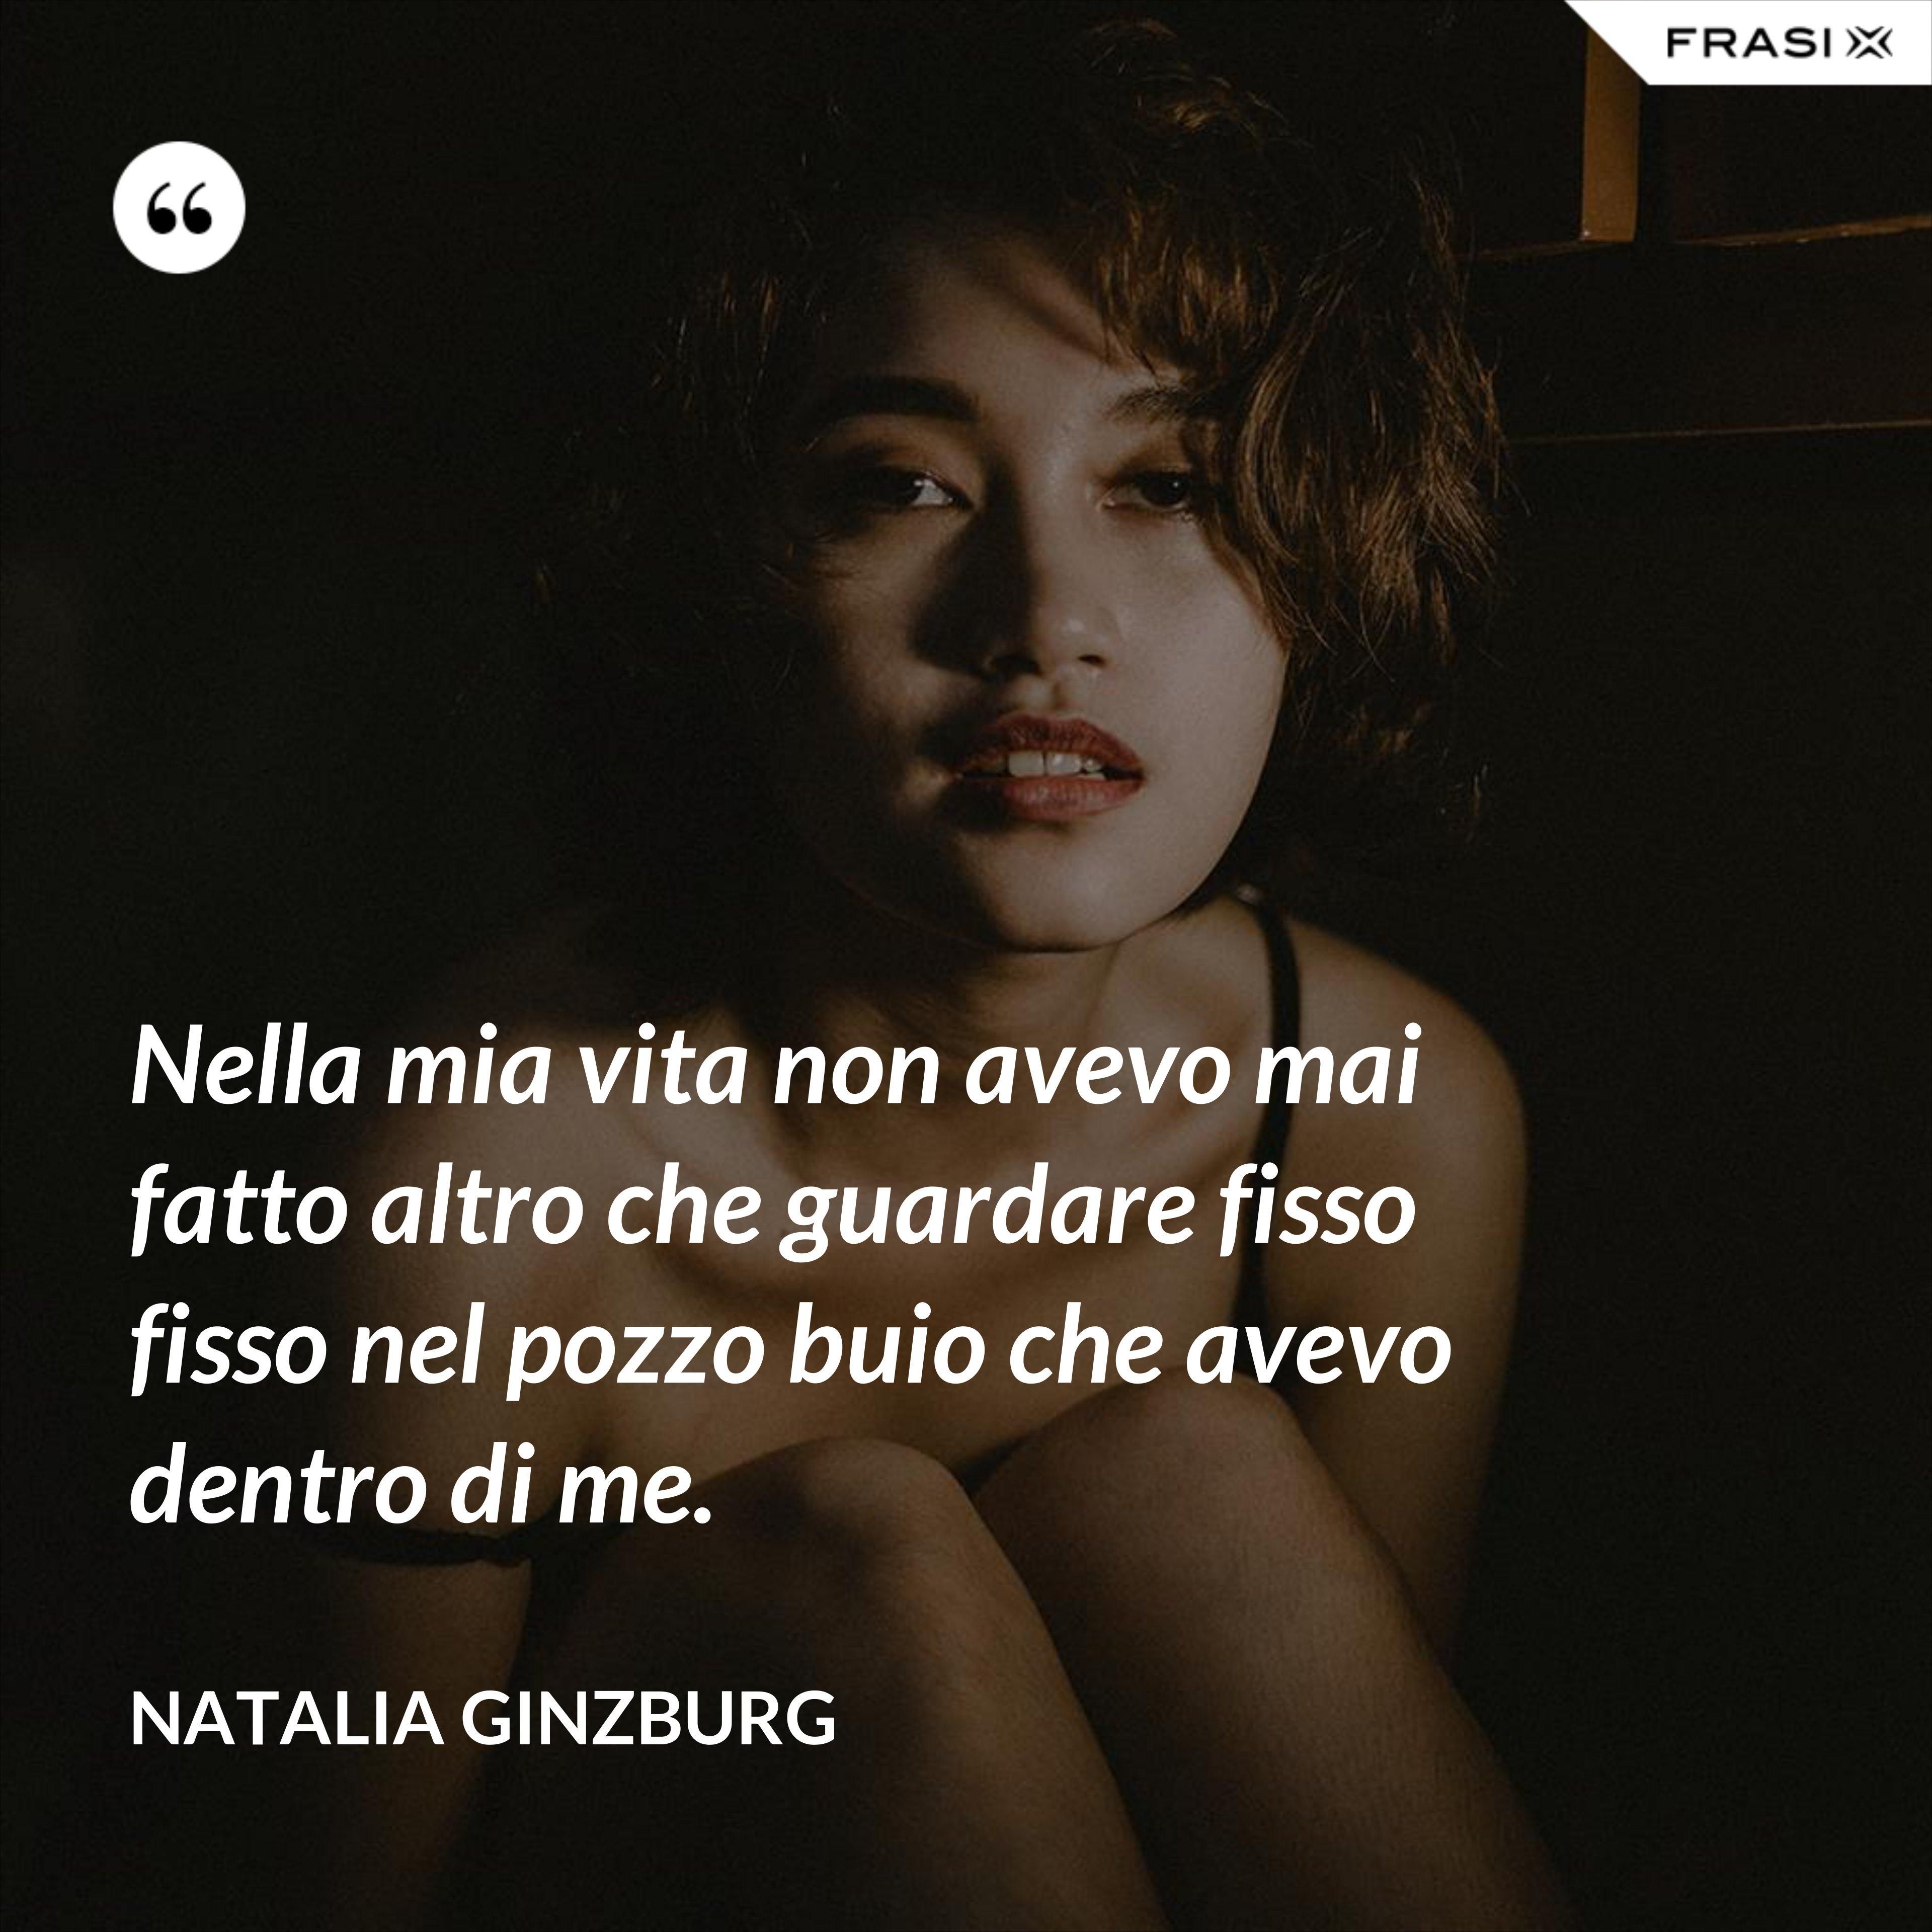 Nella mia vita non avevo mai fatto altro che guardare fisso fisso nel pozzo buio che avevo dentro di me. - Natalia Ginzburg